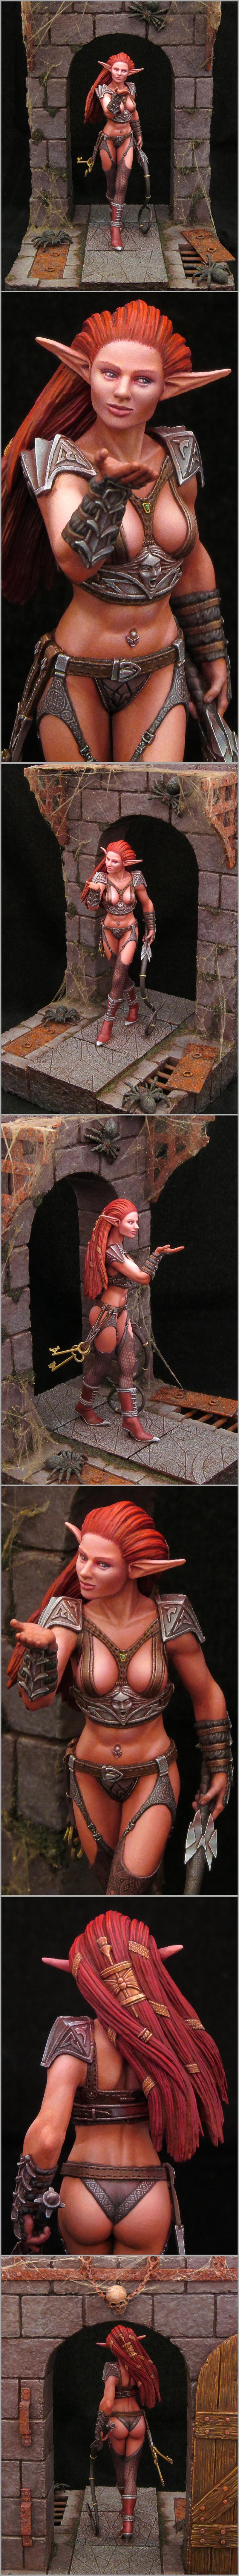 Chain, Dark Elves, Dungeon, Elves, Nsfw, Spider, Web, Whip